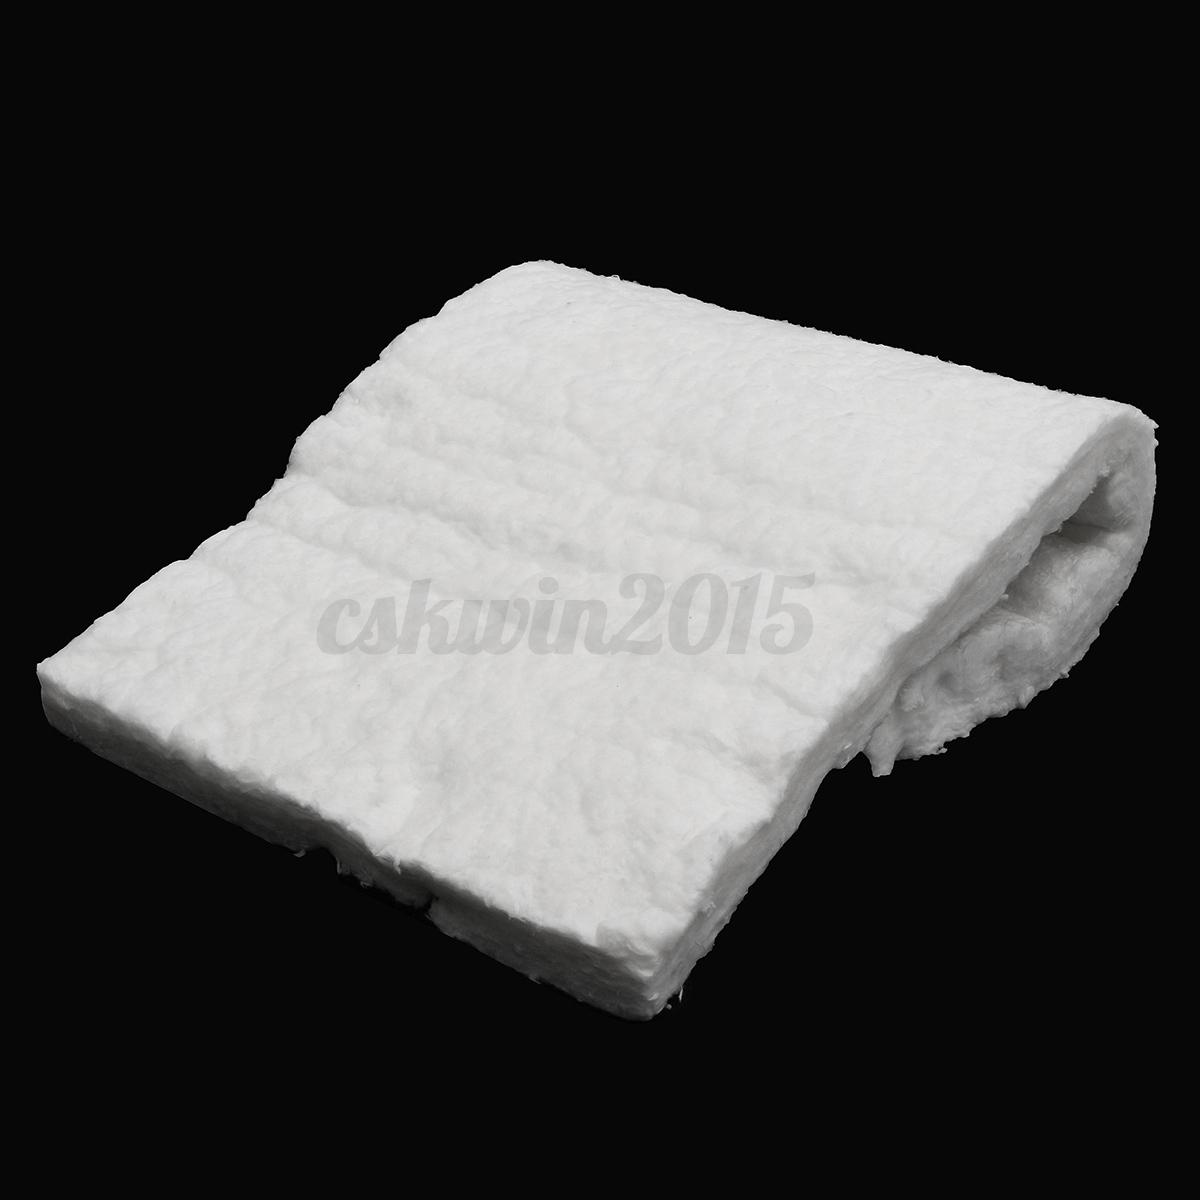 24 Quot X12 Quot X1 Quot Ceramic Fiber Blanket High Temperature